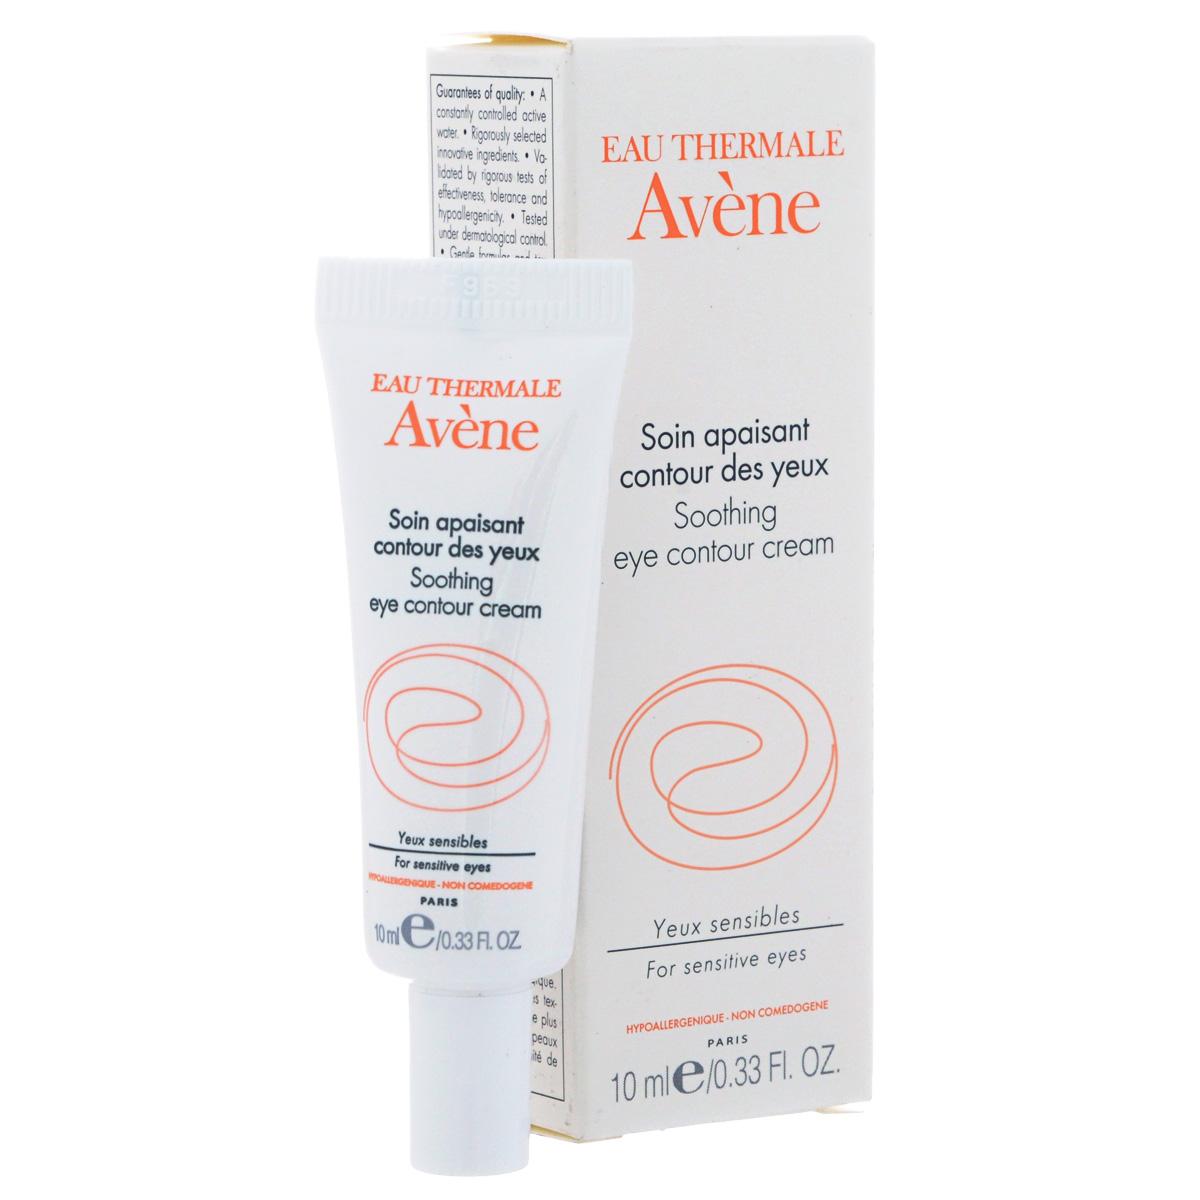 Avene Успокаивающий крем Soins des yeux для контура глаз 10 млC05136Успокаивает и устраняет раздражение, снимает отечность, увлажняет и защищает нежную кожу контура глаз. Обеспечивает комплексный уход за контуром глаз.